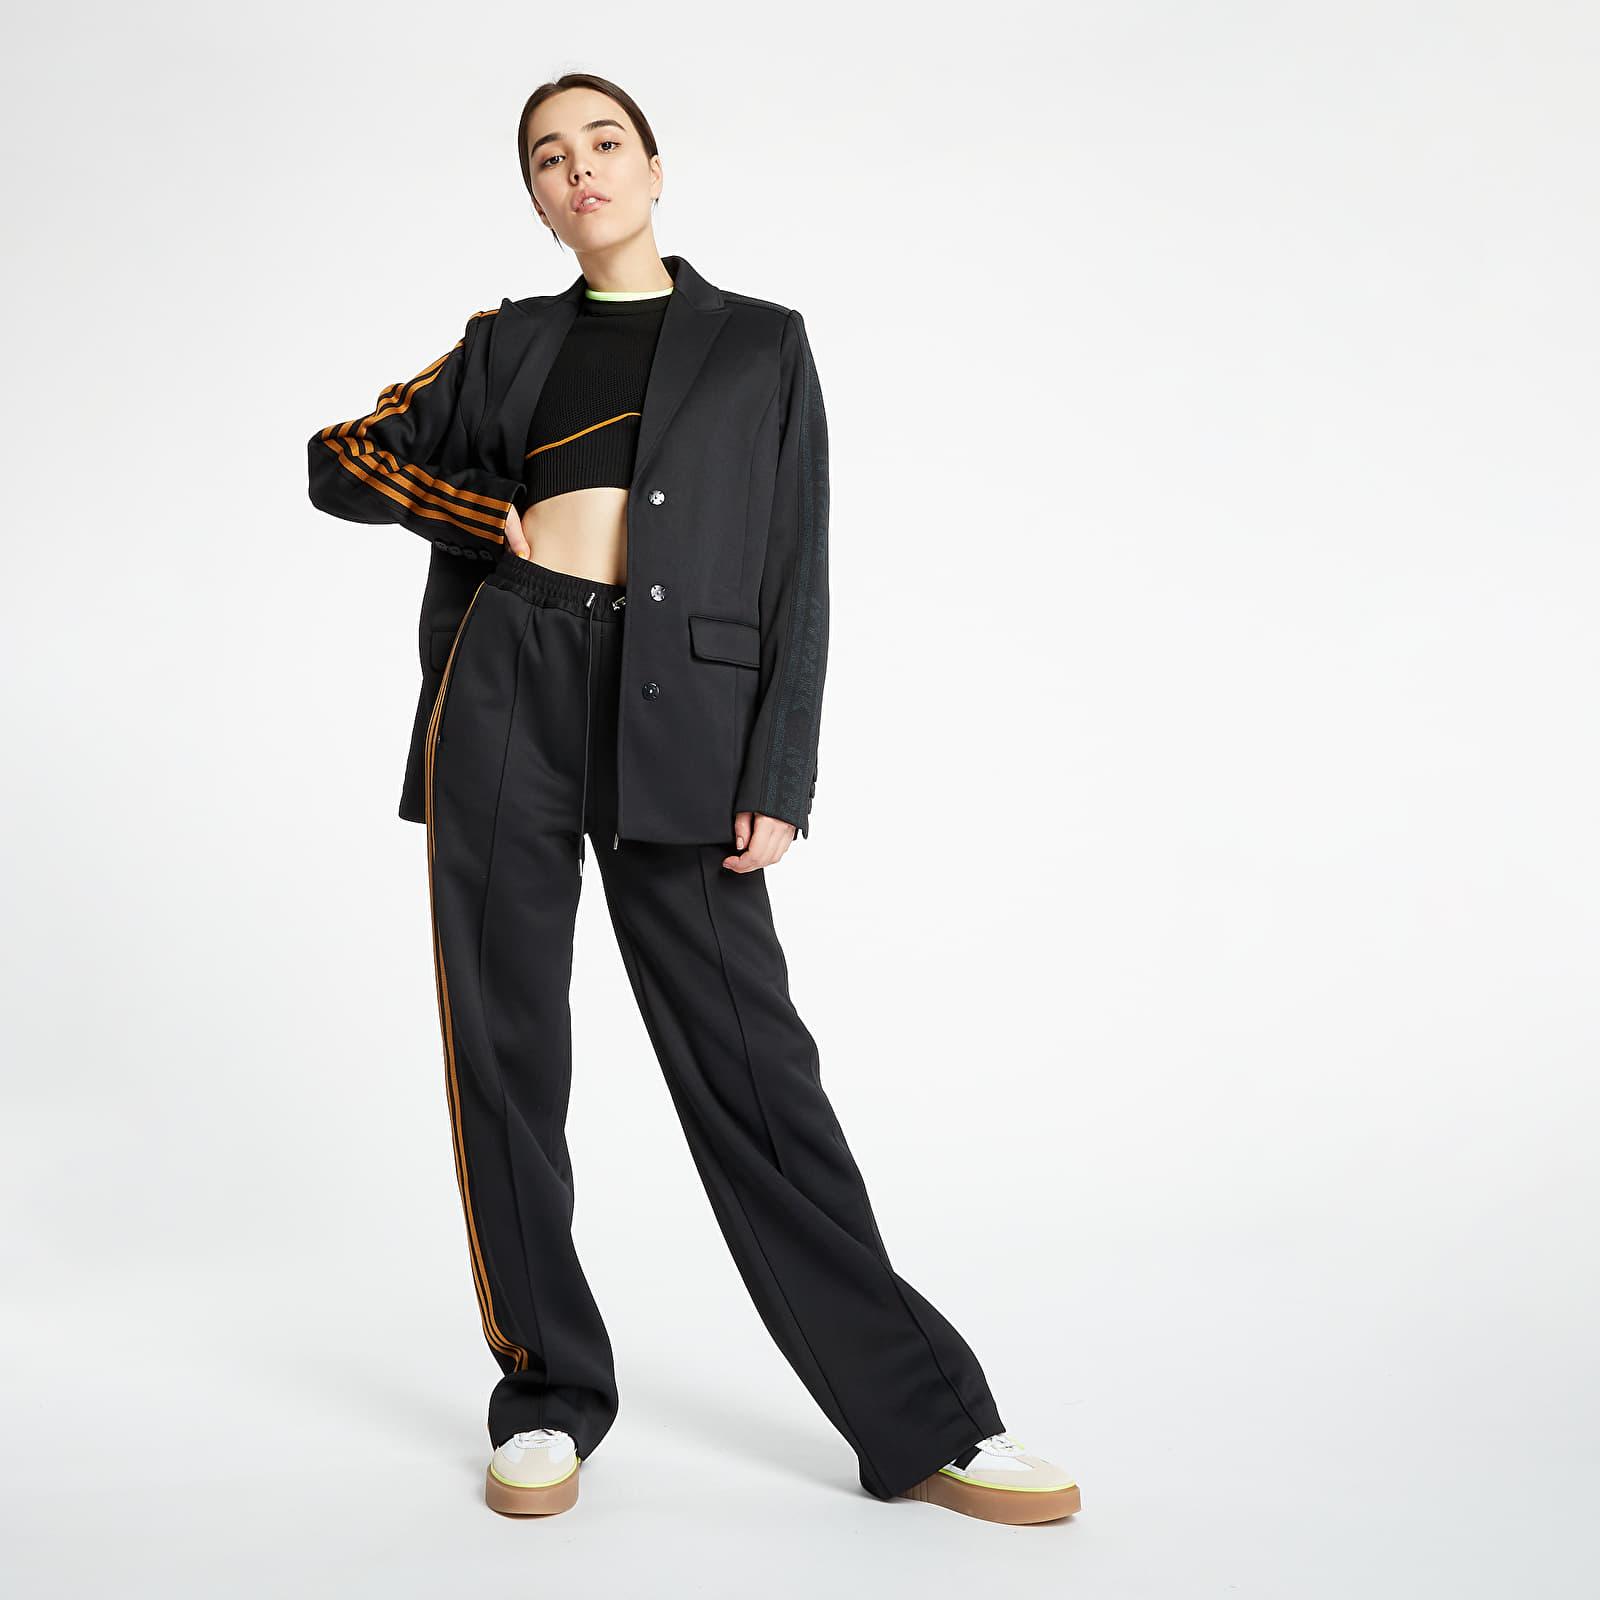 Jackets adidas x Ivy Park Suit Jacket (PLUS SIZE) Black